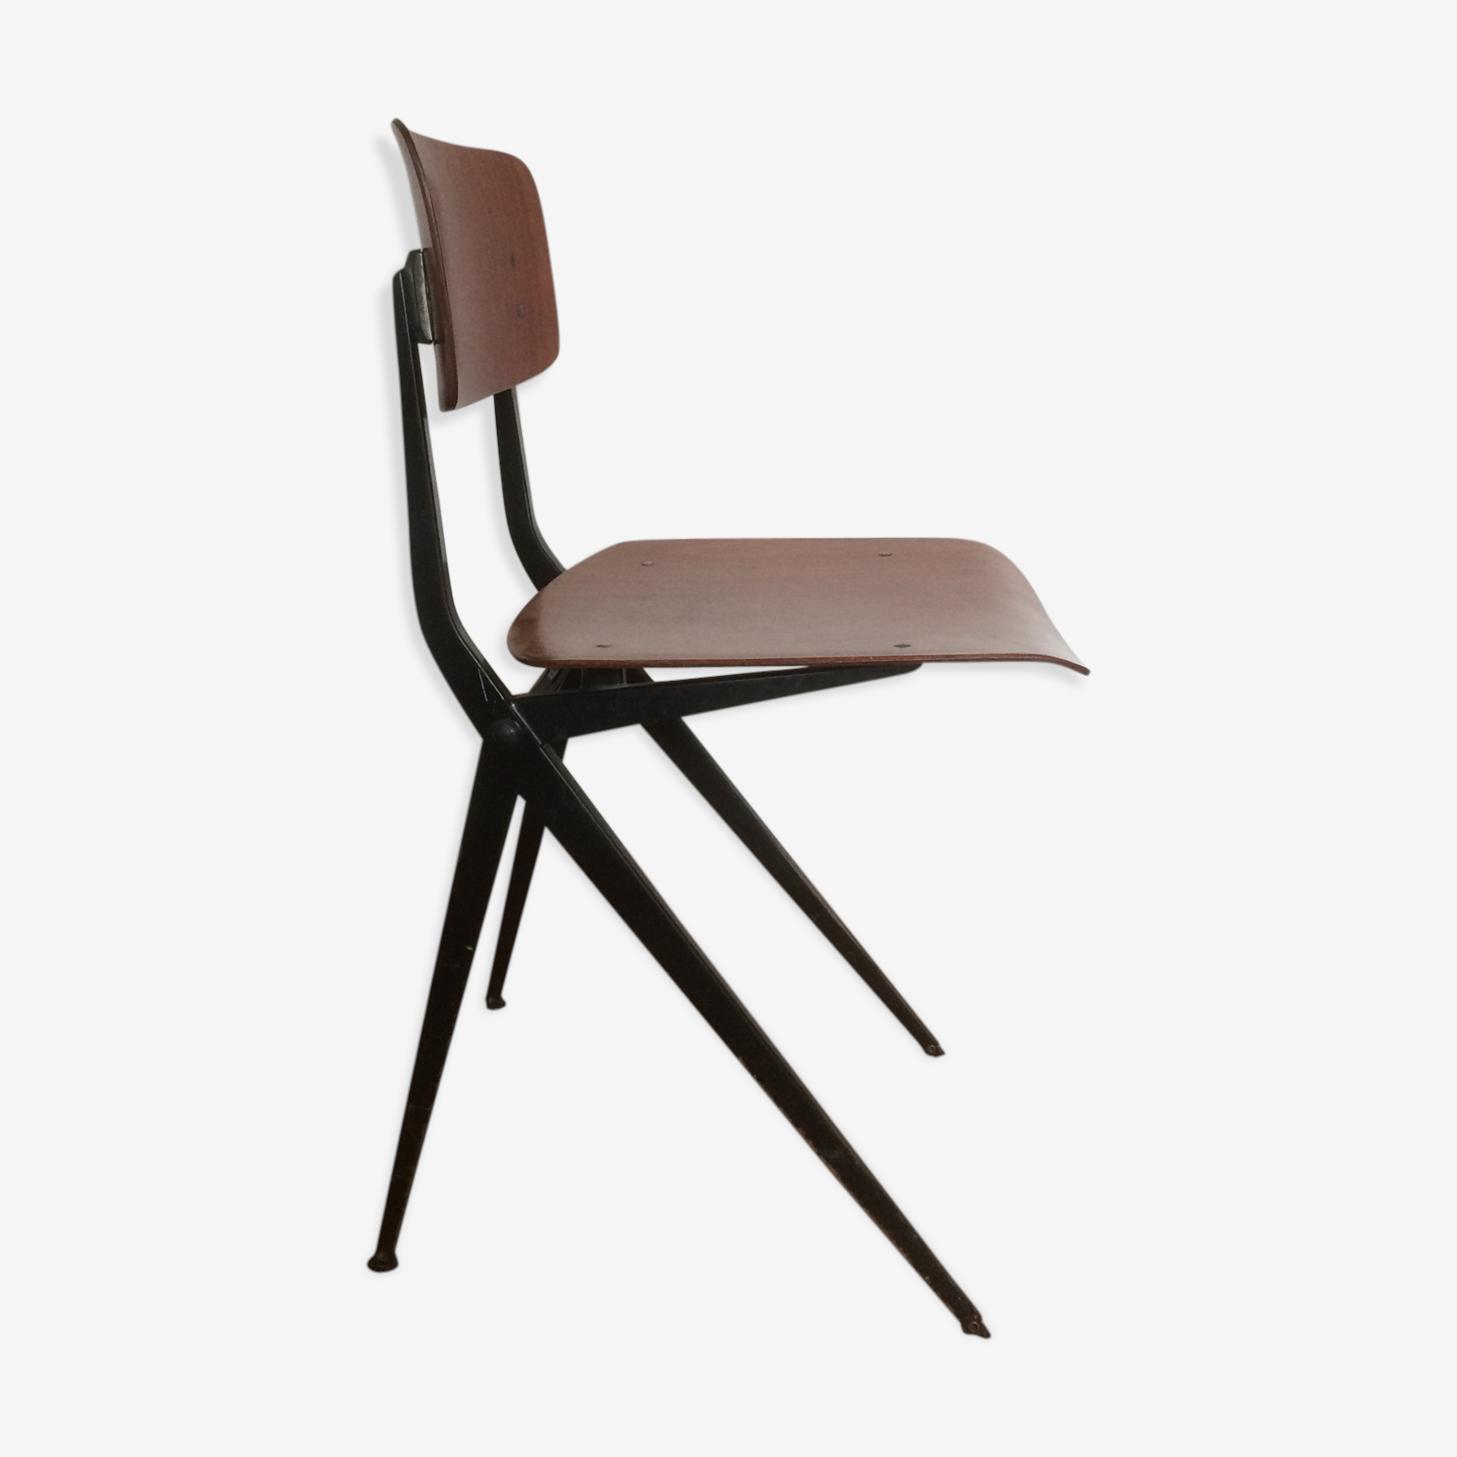 Chair by Ynske Kooistra for Marko